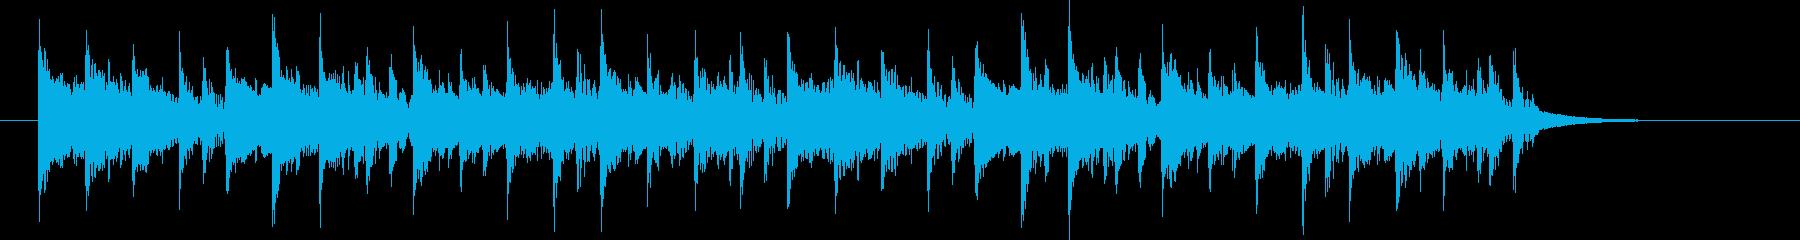 ほのぼのとした童謡風のポップス SH版の再生済みの波形